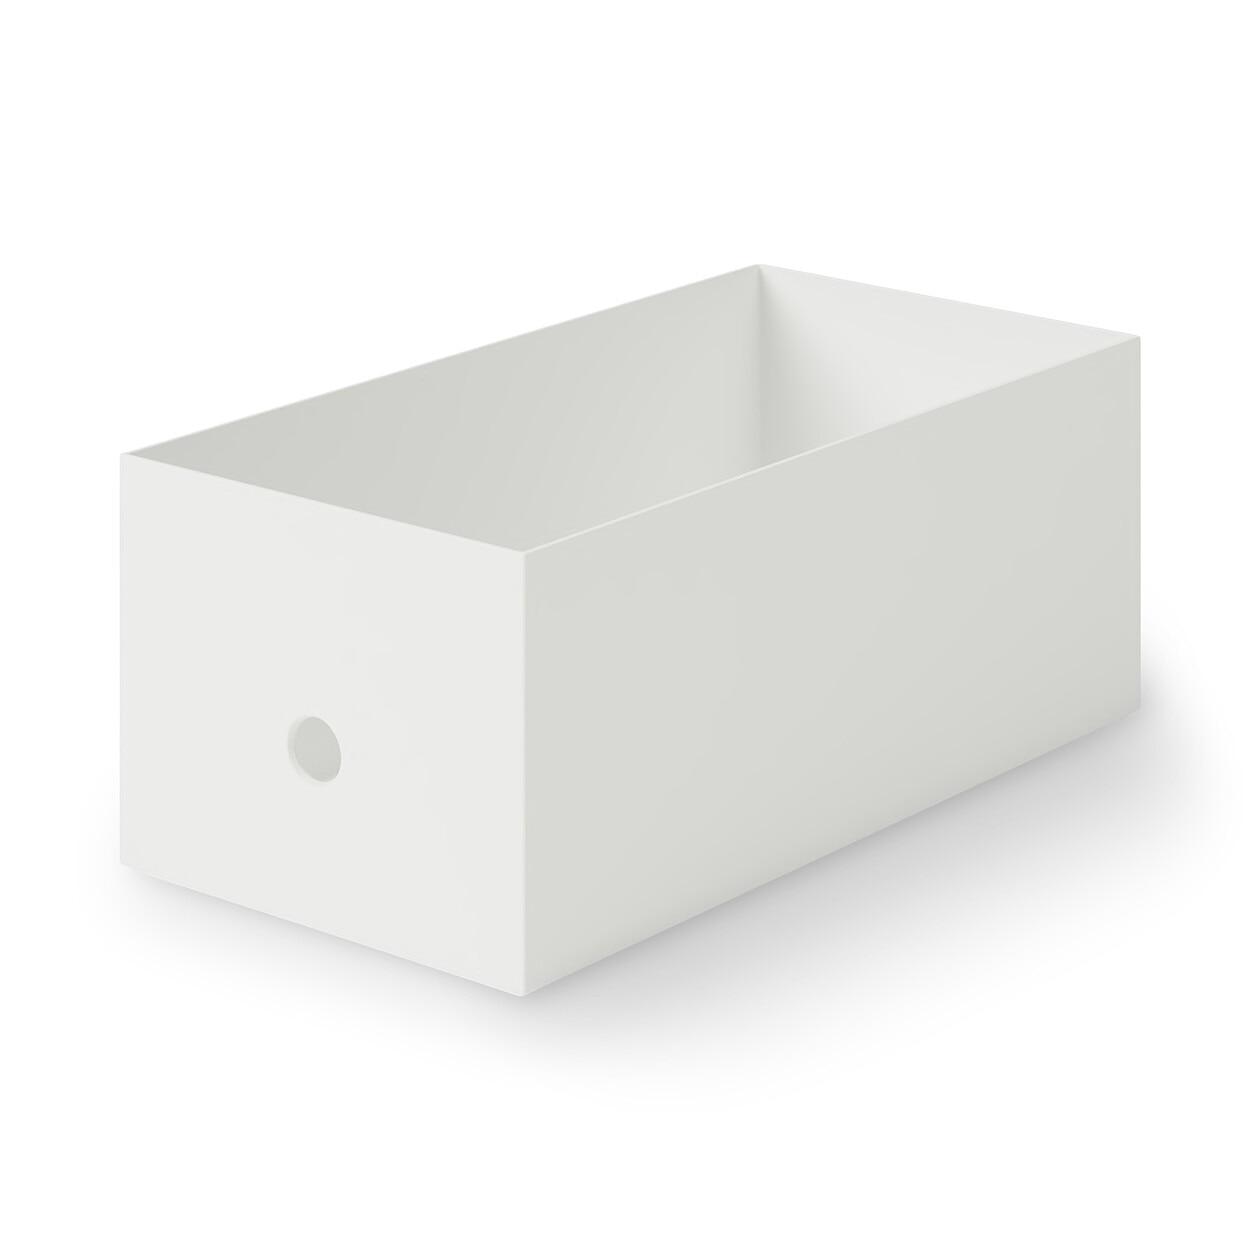 ポリプロピレンファイルボックス・スタンダードワイド・ホワイトグレー・1/2の写真